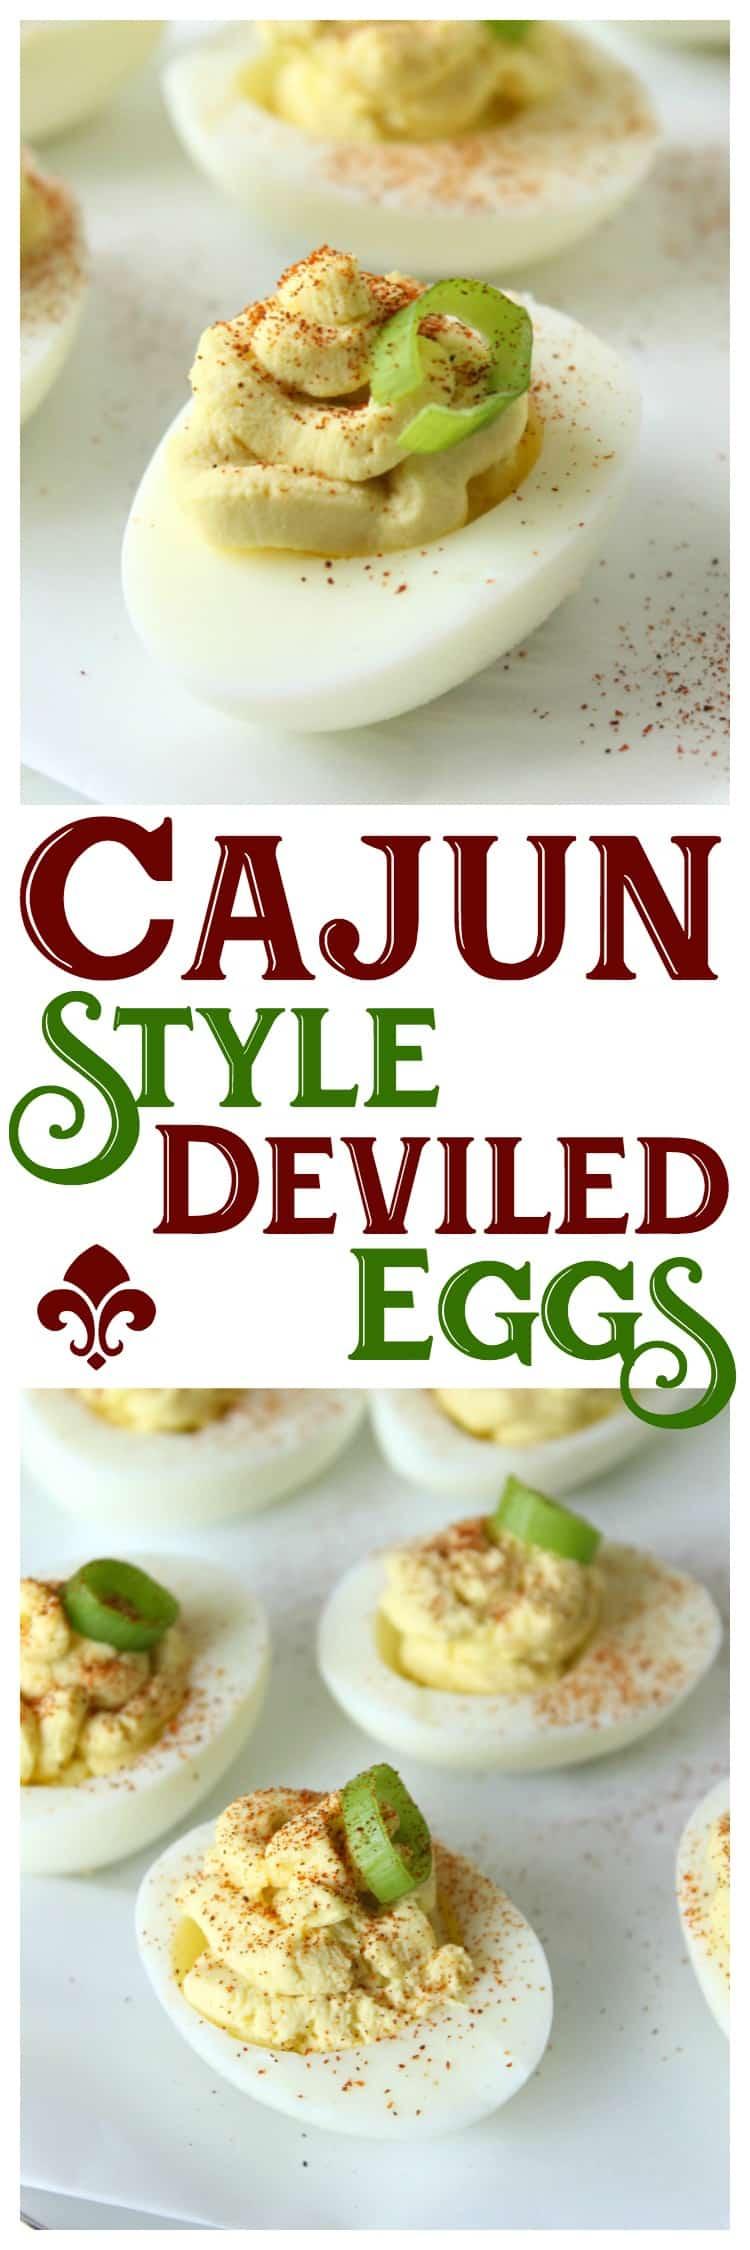 spicy cajun deviled eggs